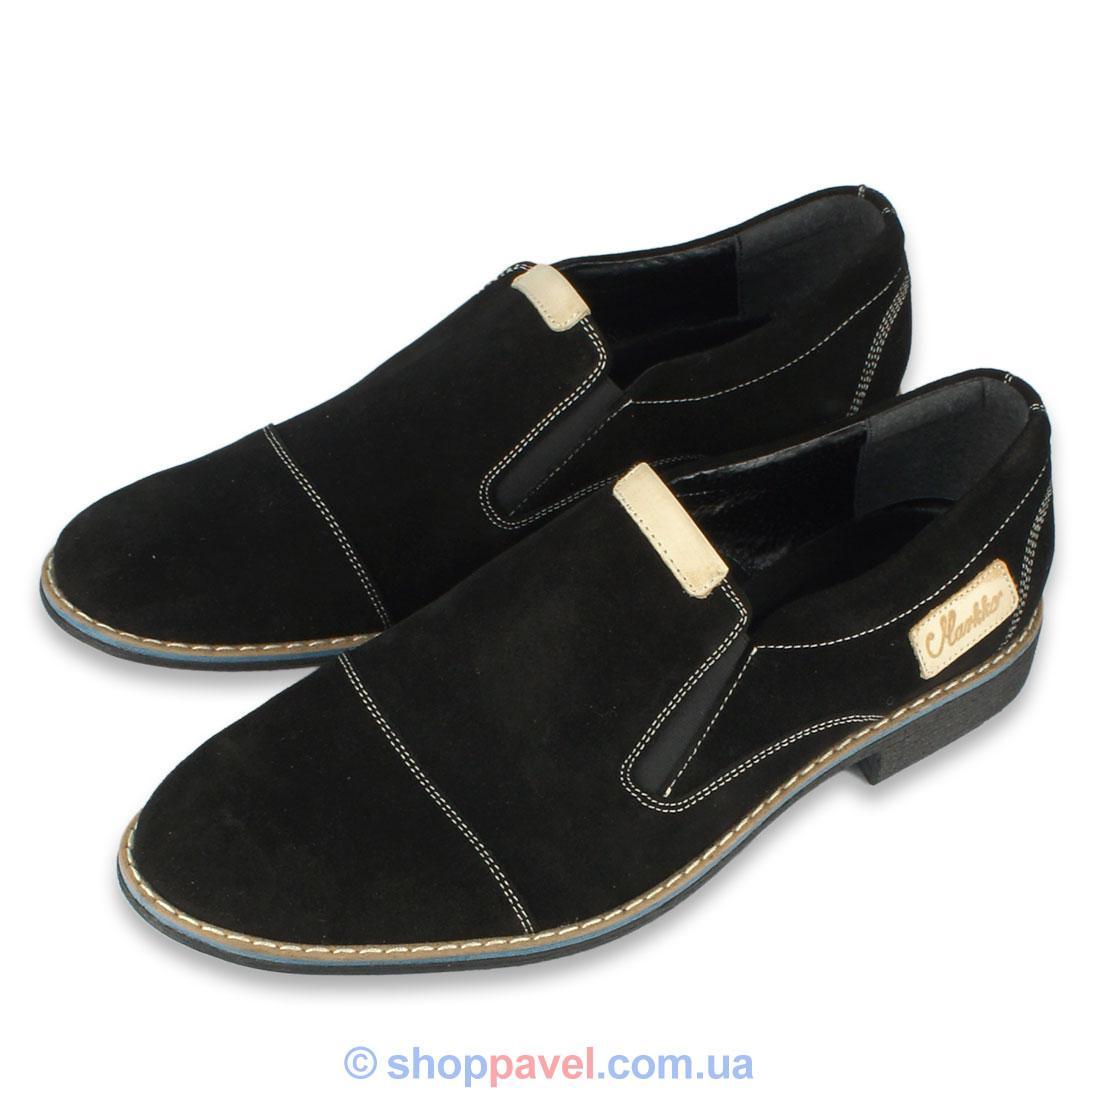 Чоловічі туфлі Markko М-132 N нуб.чорного кольору - Магазин великих розмірів 21c44afc28584